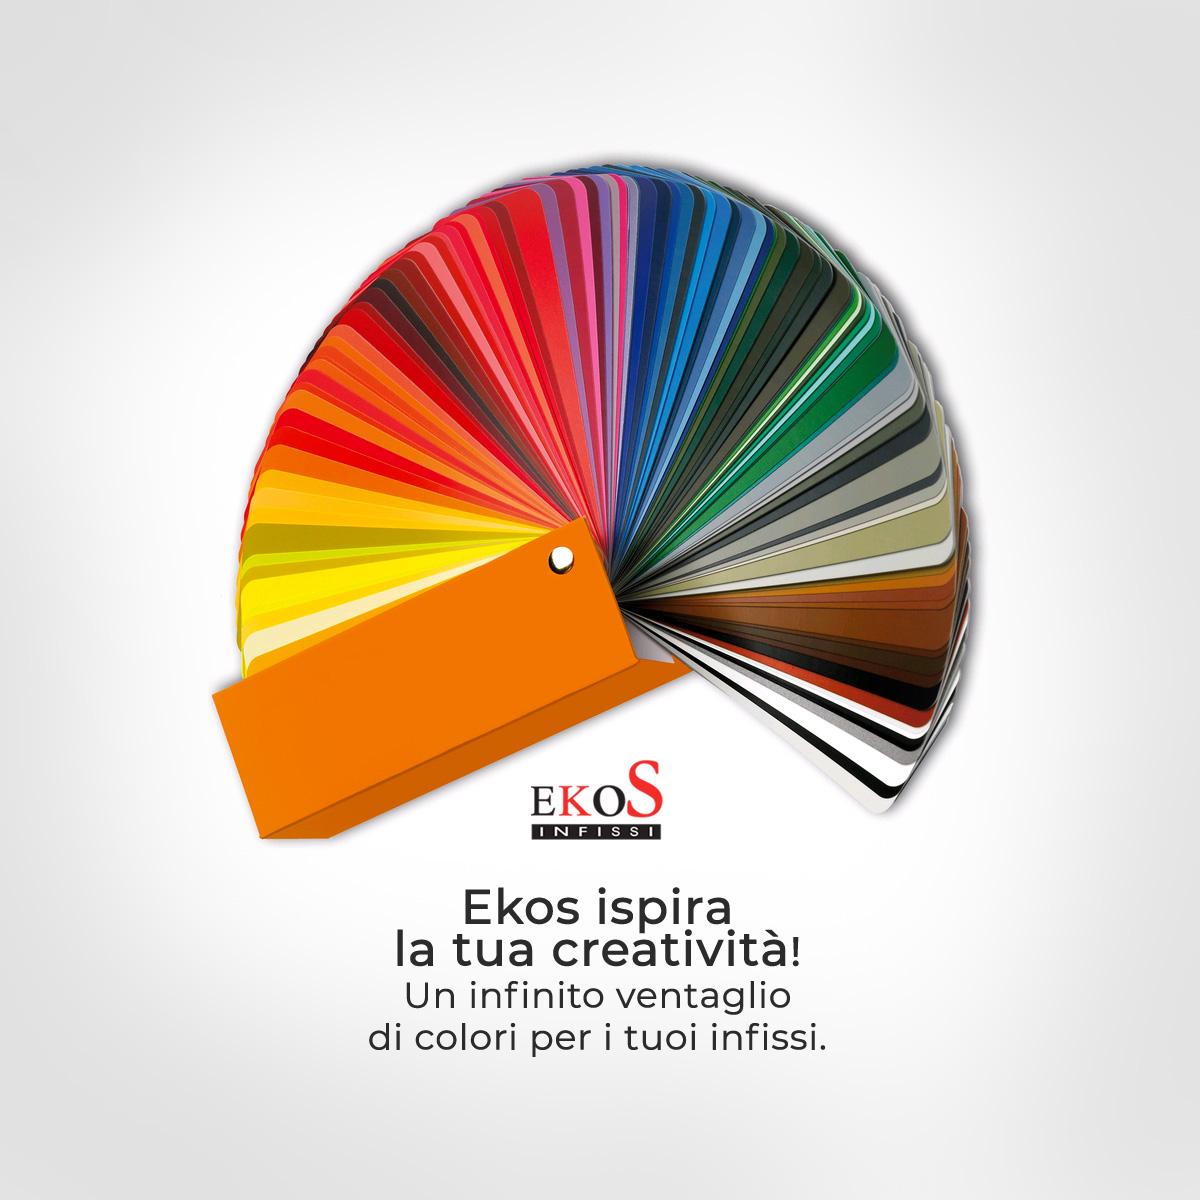 Qualità, stile e creatività. Con ekoS è semplice ancora più bello dare libero sfogo alla tua fantasia!